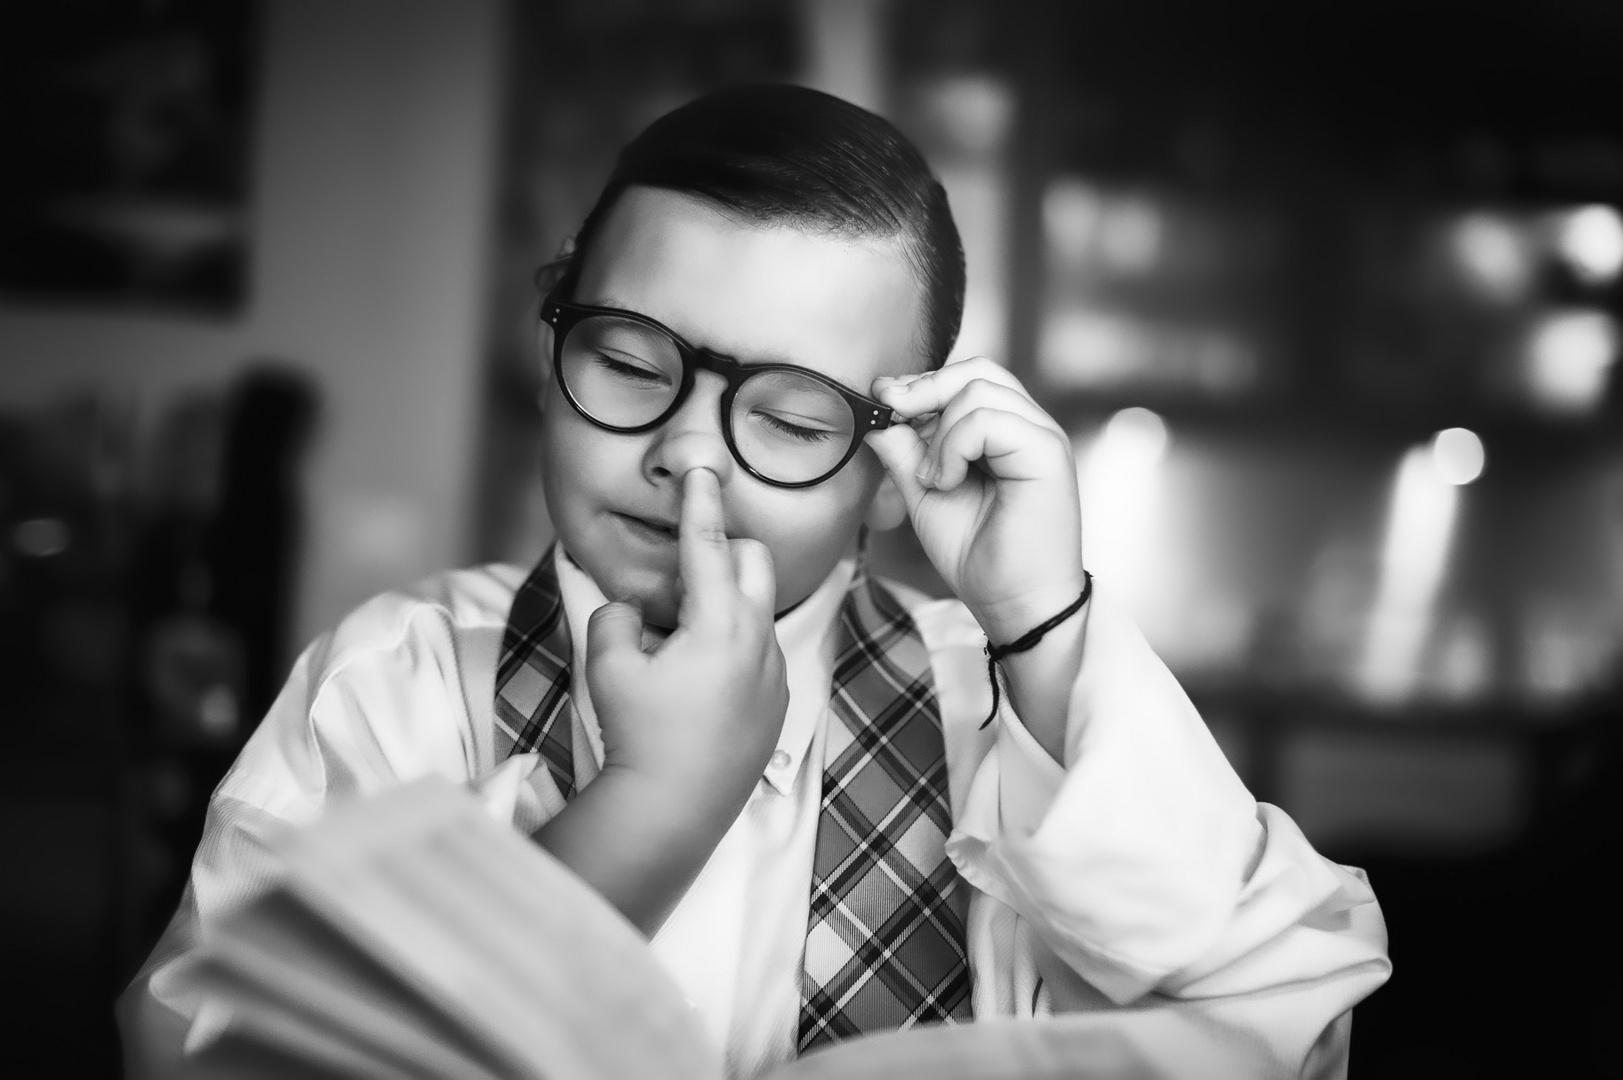 Als mein jüngster Sohn sich noch leidenschaftlich für Mathematik begeistern konnte...